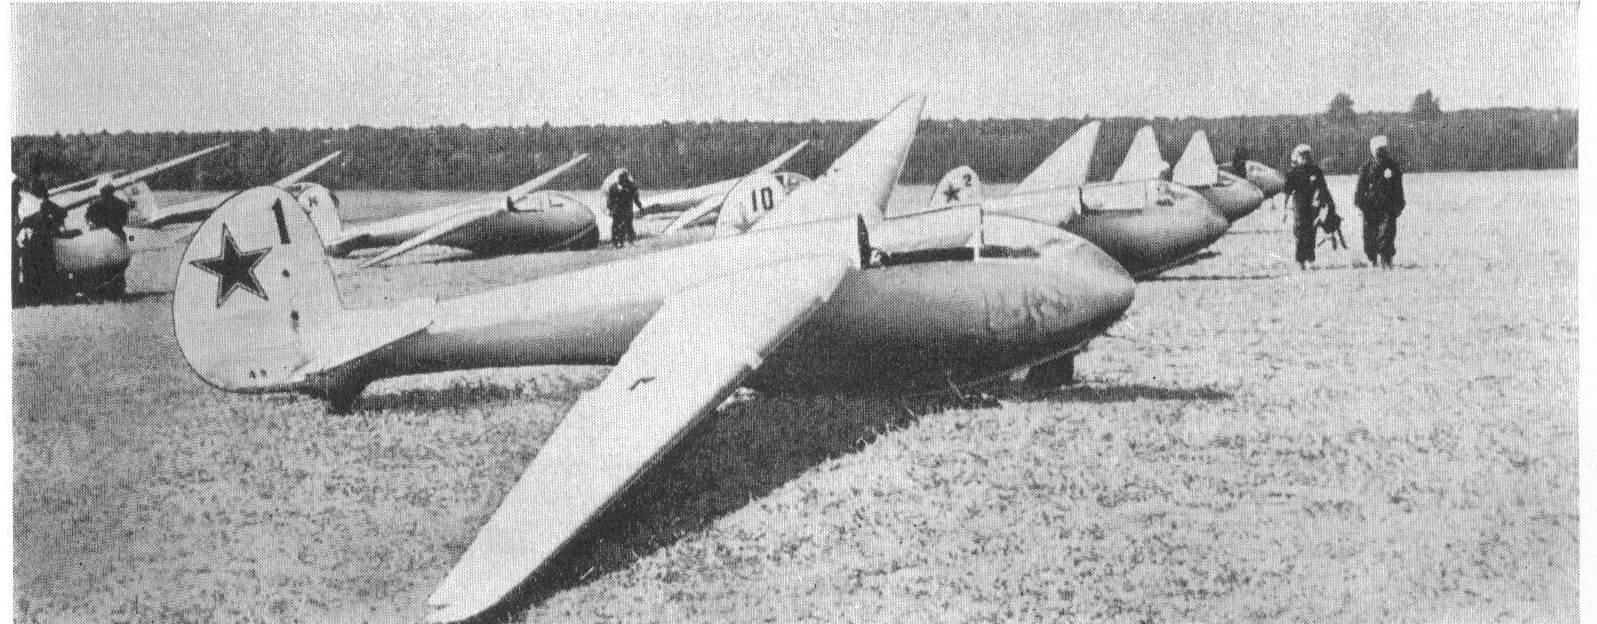 A 9 flugplatz